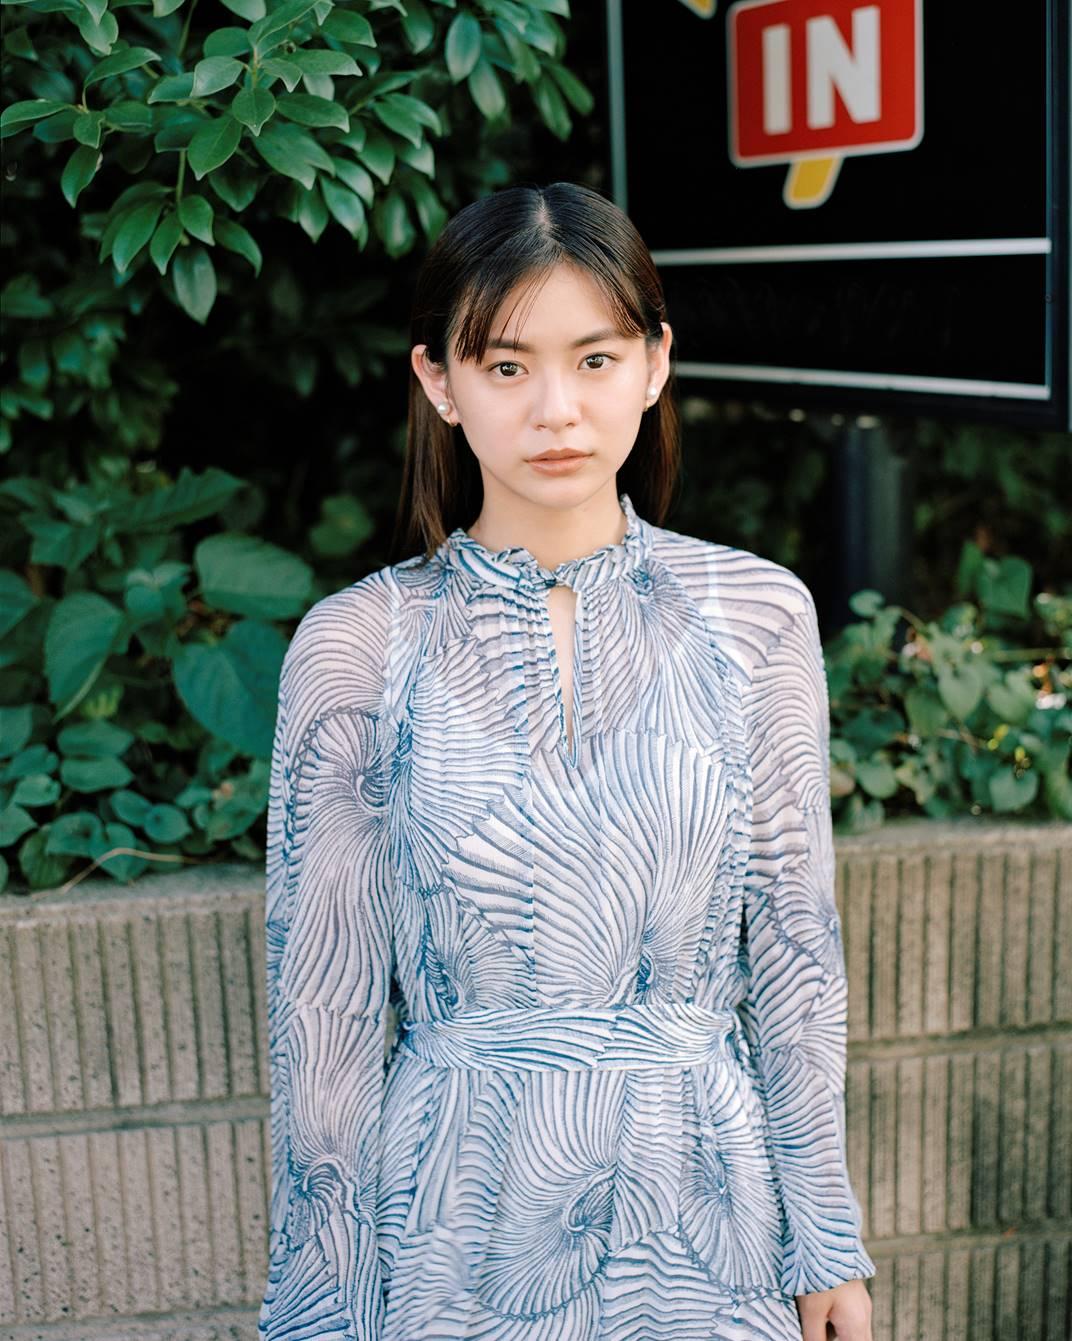 【インタビュー】永瀬莉子、家族愛のテーマに感動「観てくださる方にも伝わると思います」 劇場アニメ『神在月のこども』